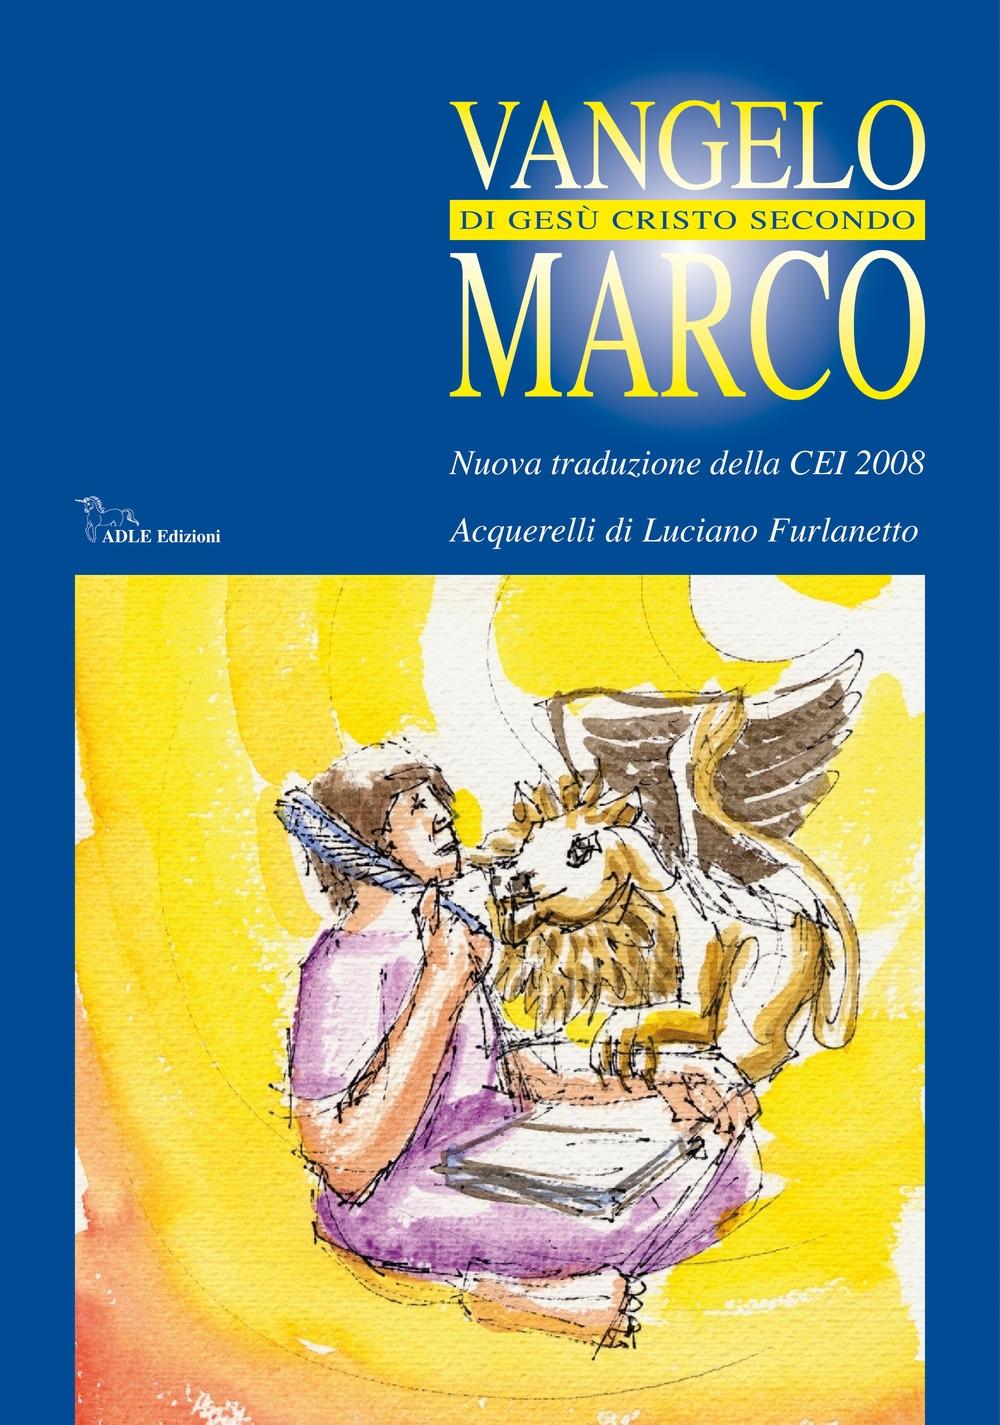 Vangelo di Gesù Cristo secondo Marco